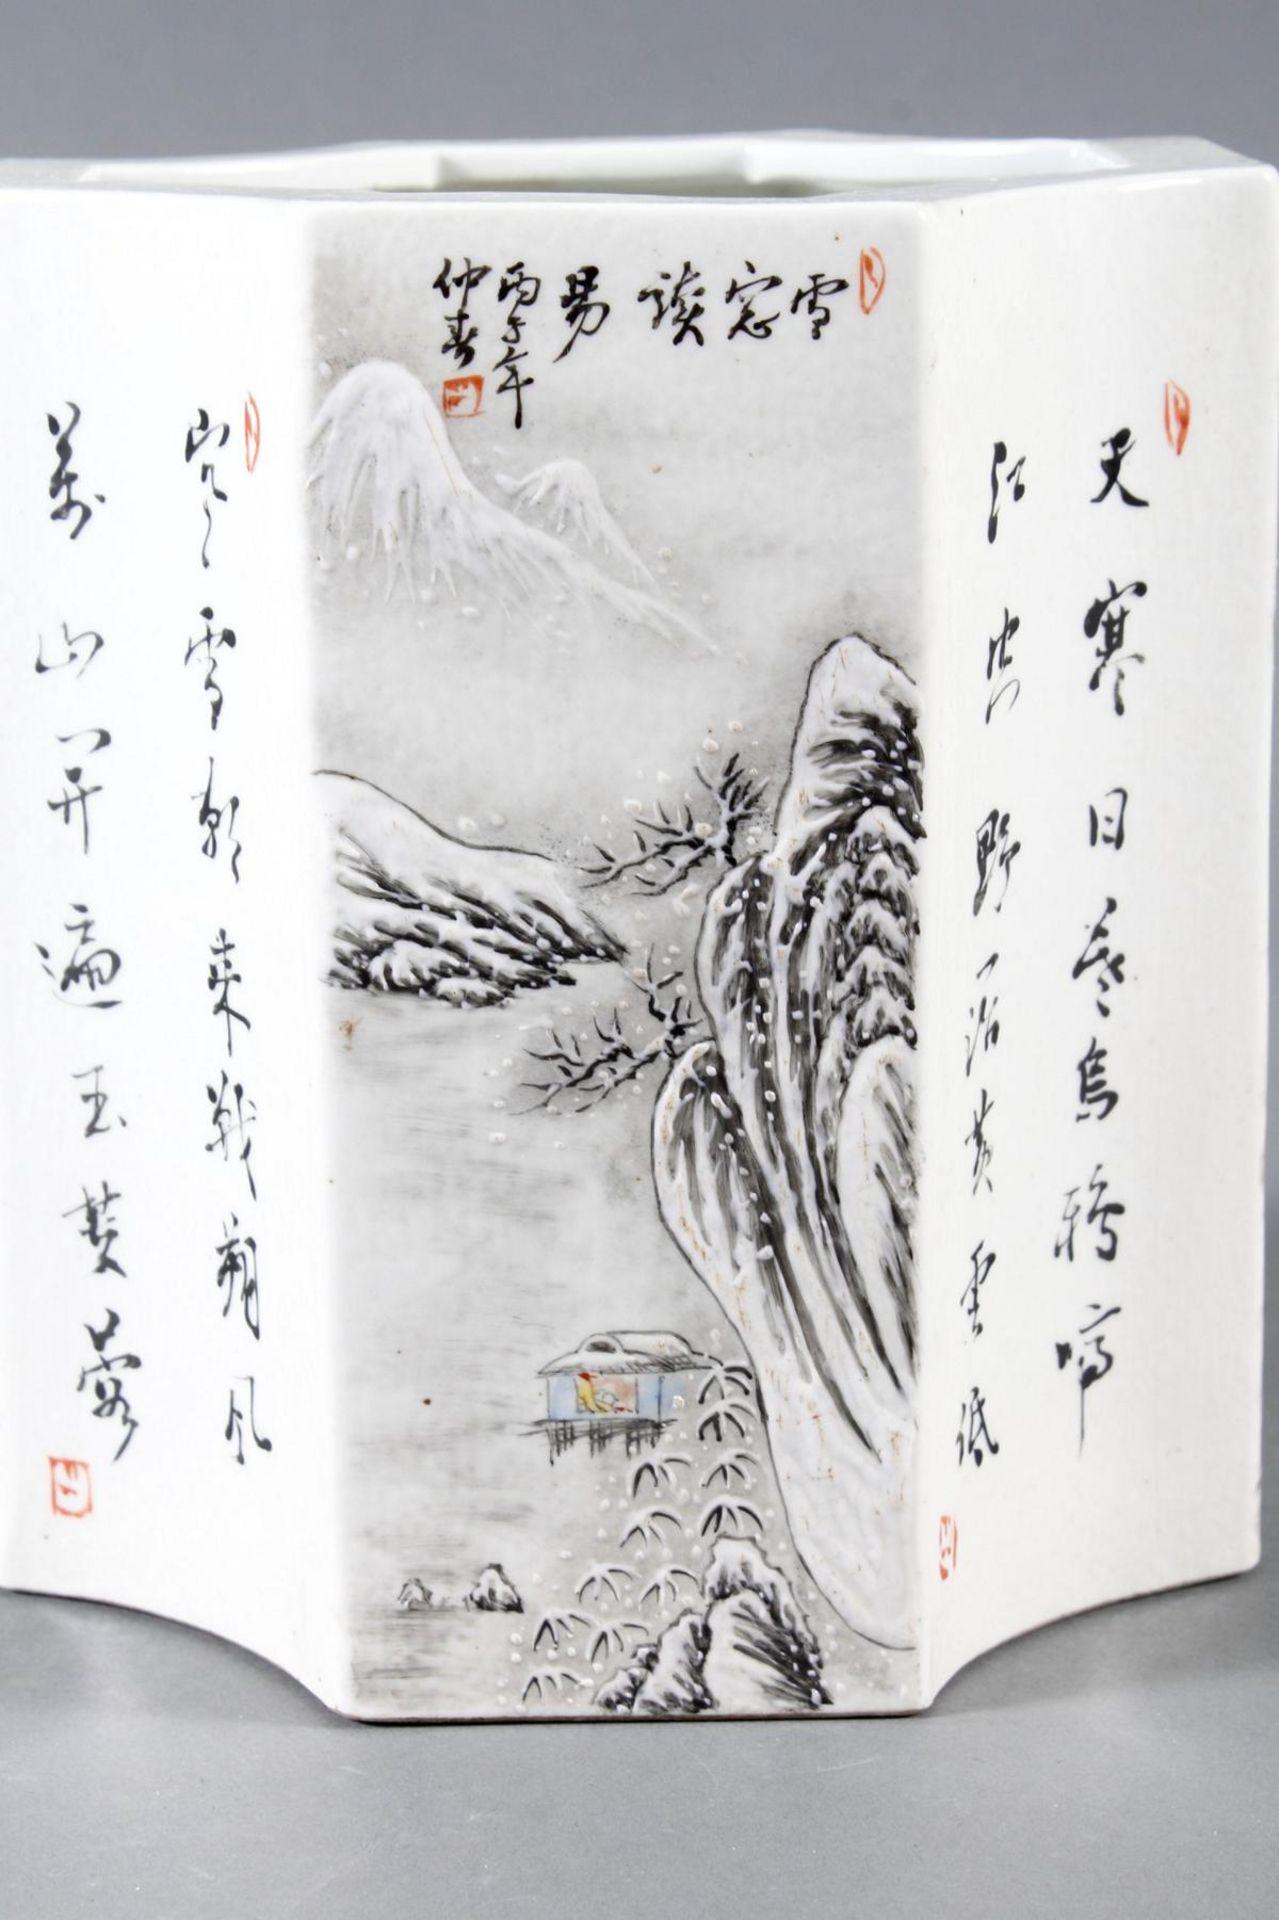 Porzellan-Pinselbehälter, China, Mitte 20. Jahrhundert - Bild 10 aus 15